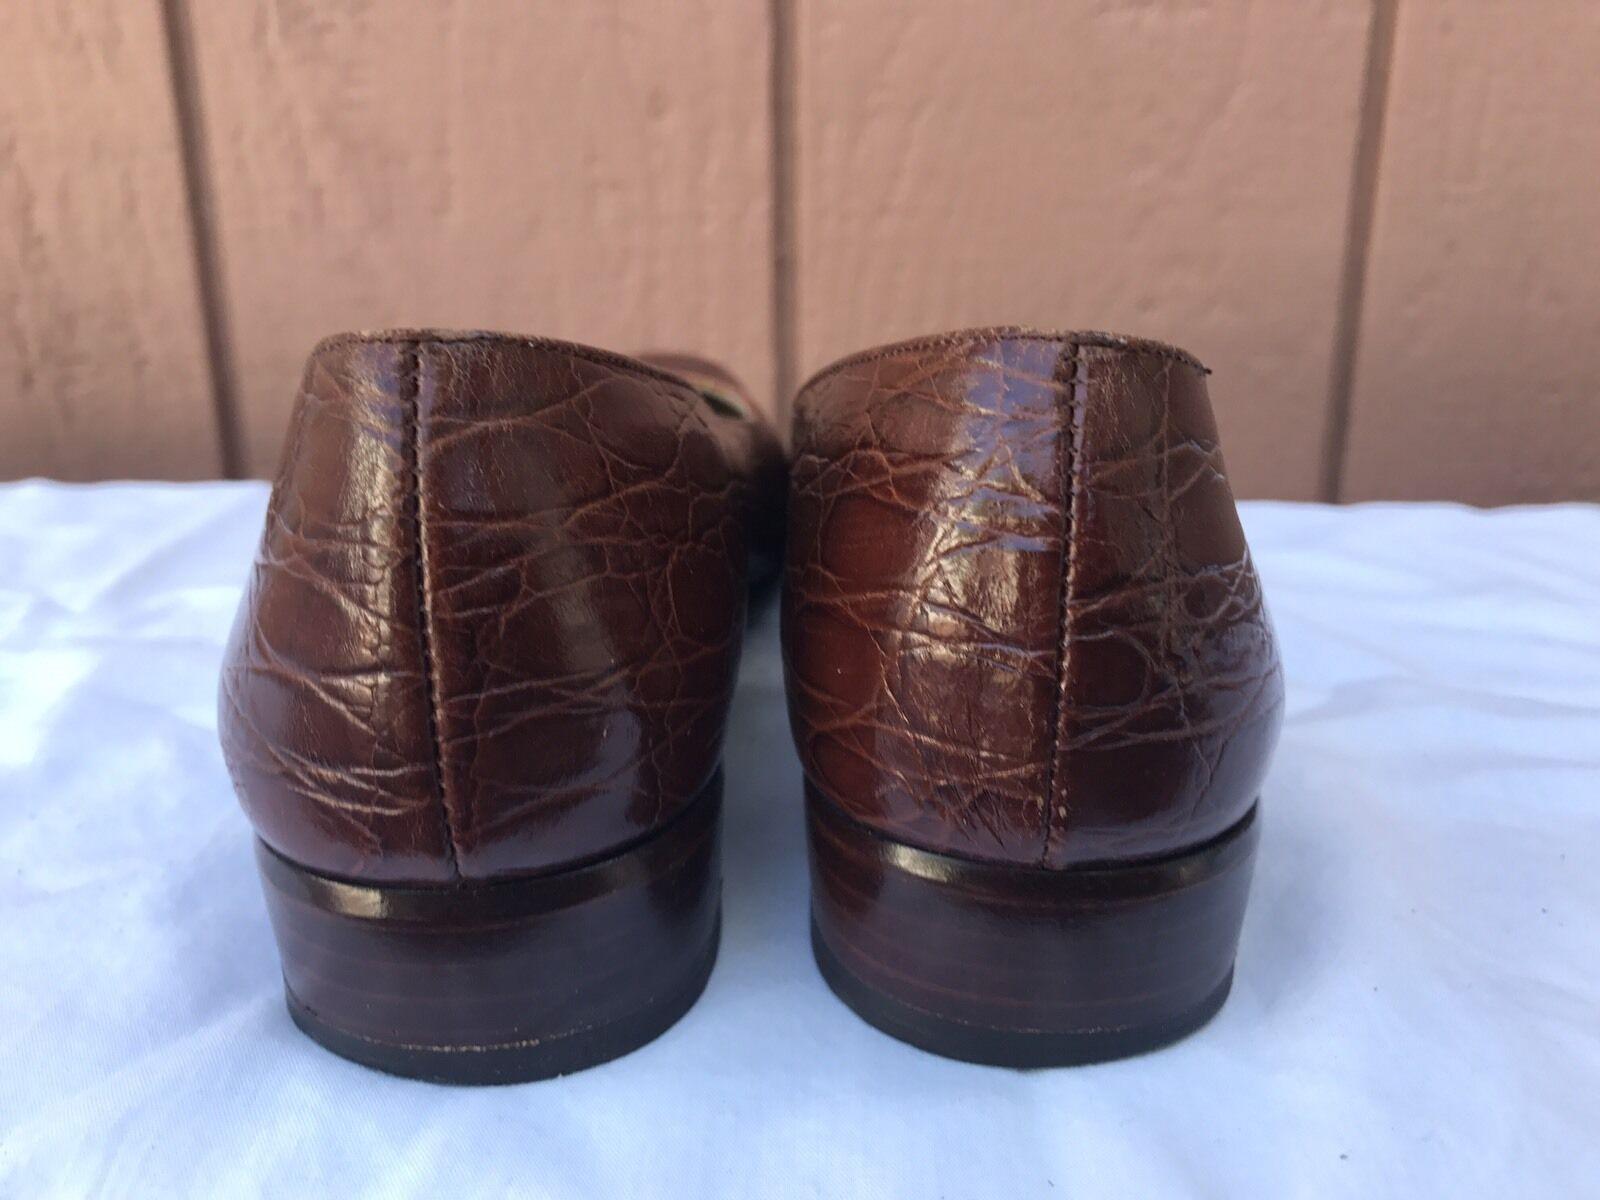 EUC Salvatore Ferragamo Ferragamo Ferragamo Women's Pumps Brown Leather Square Toe US 7.5 4A 032261